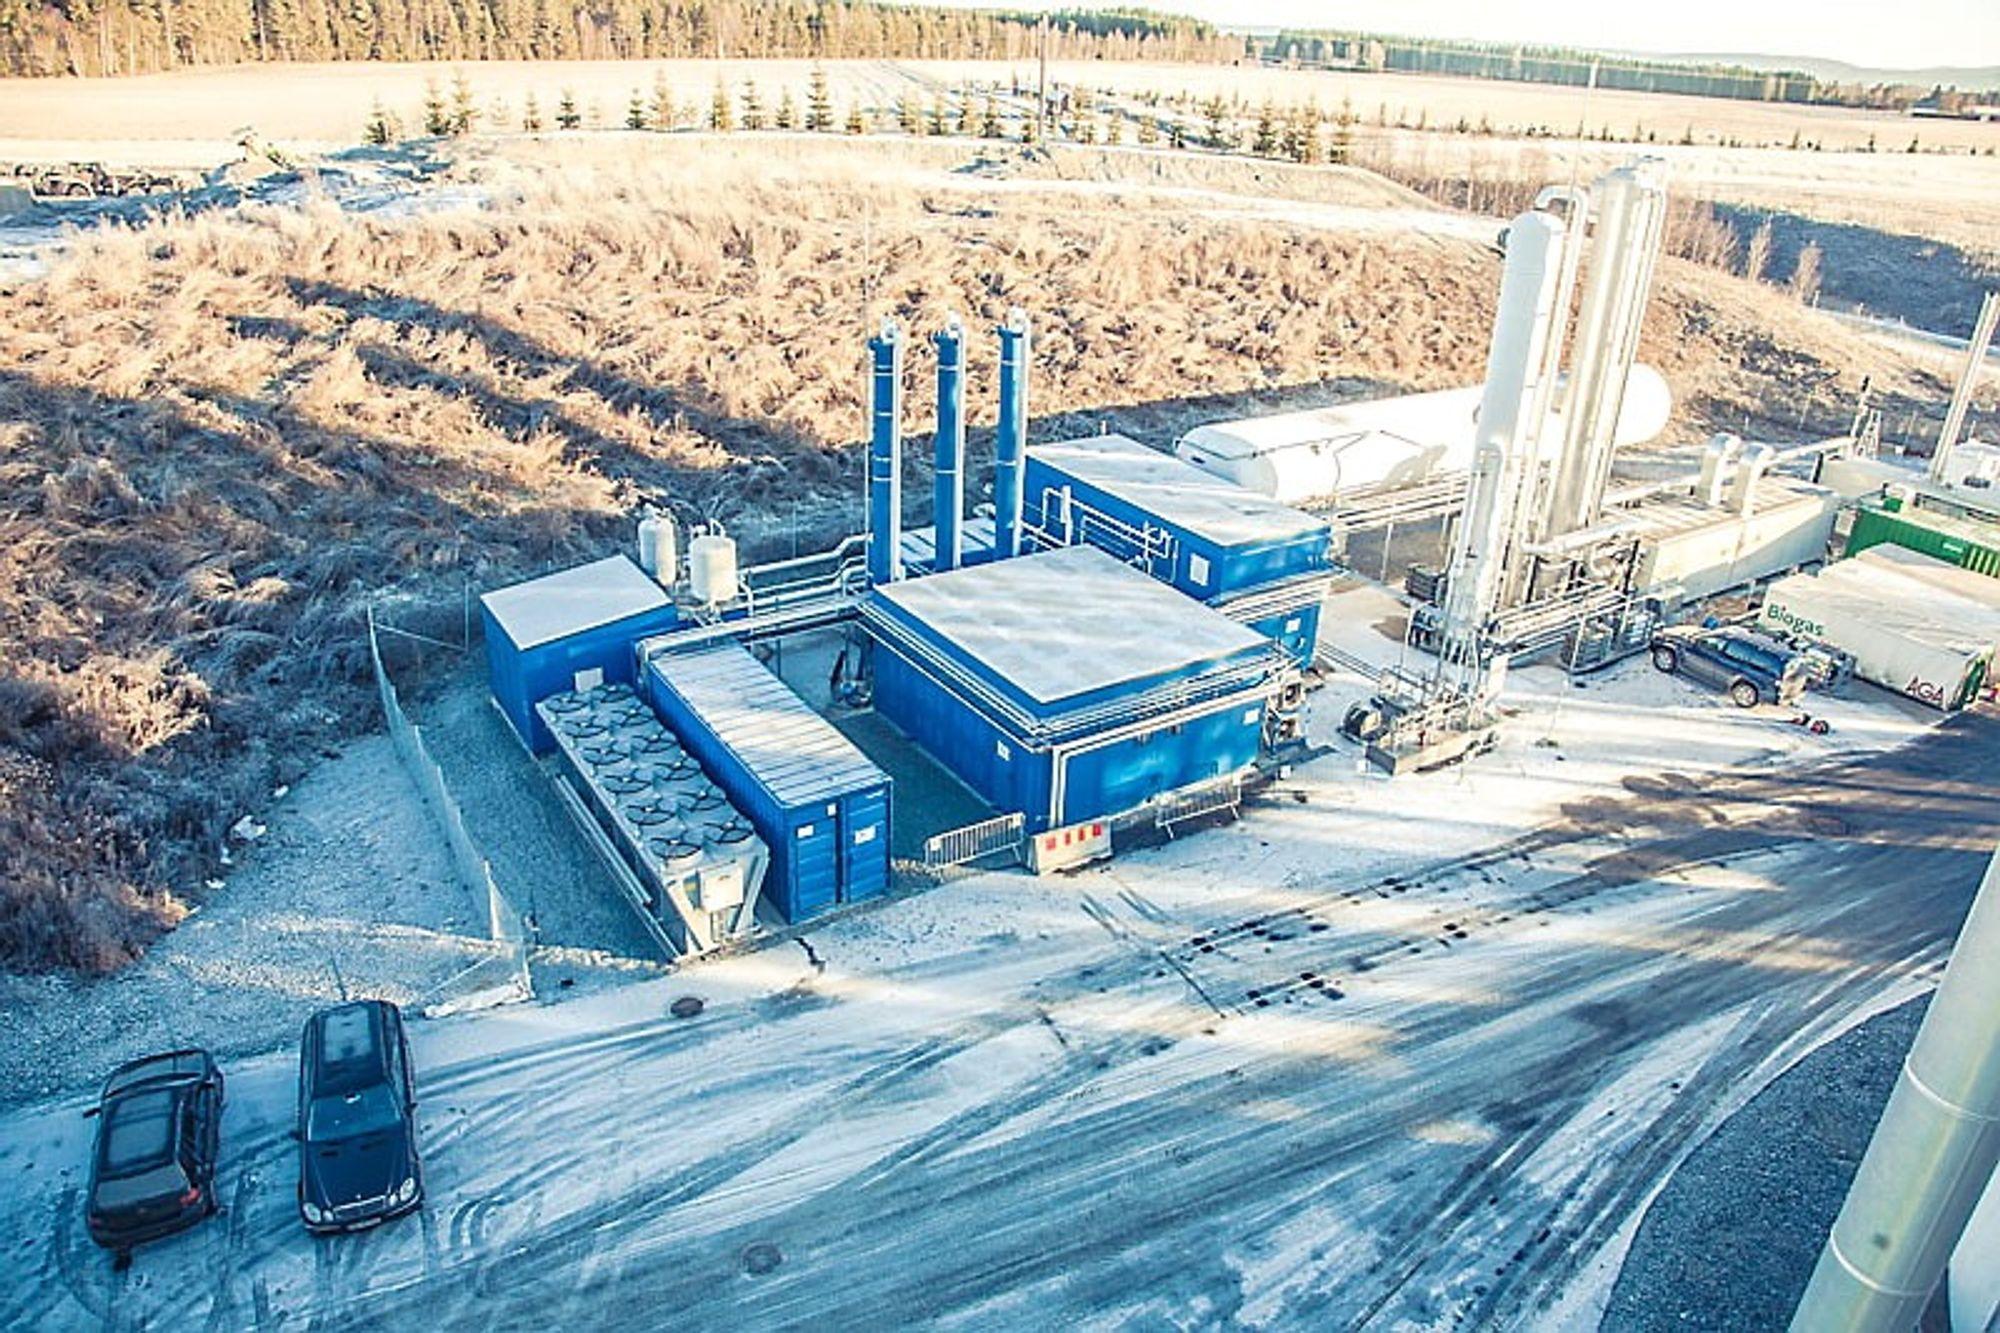 I mars håper Energigjenvinningsetaten i Oslo å begynne produksjonen av flytende biogass på Nes i Romerike. Da skal søpla fra Oslo-borgernes grønne poser bli til flytende biometan, eller LBG (Liquid Bio Gas).